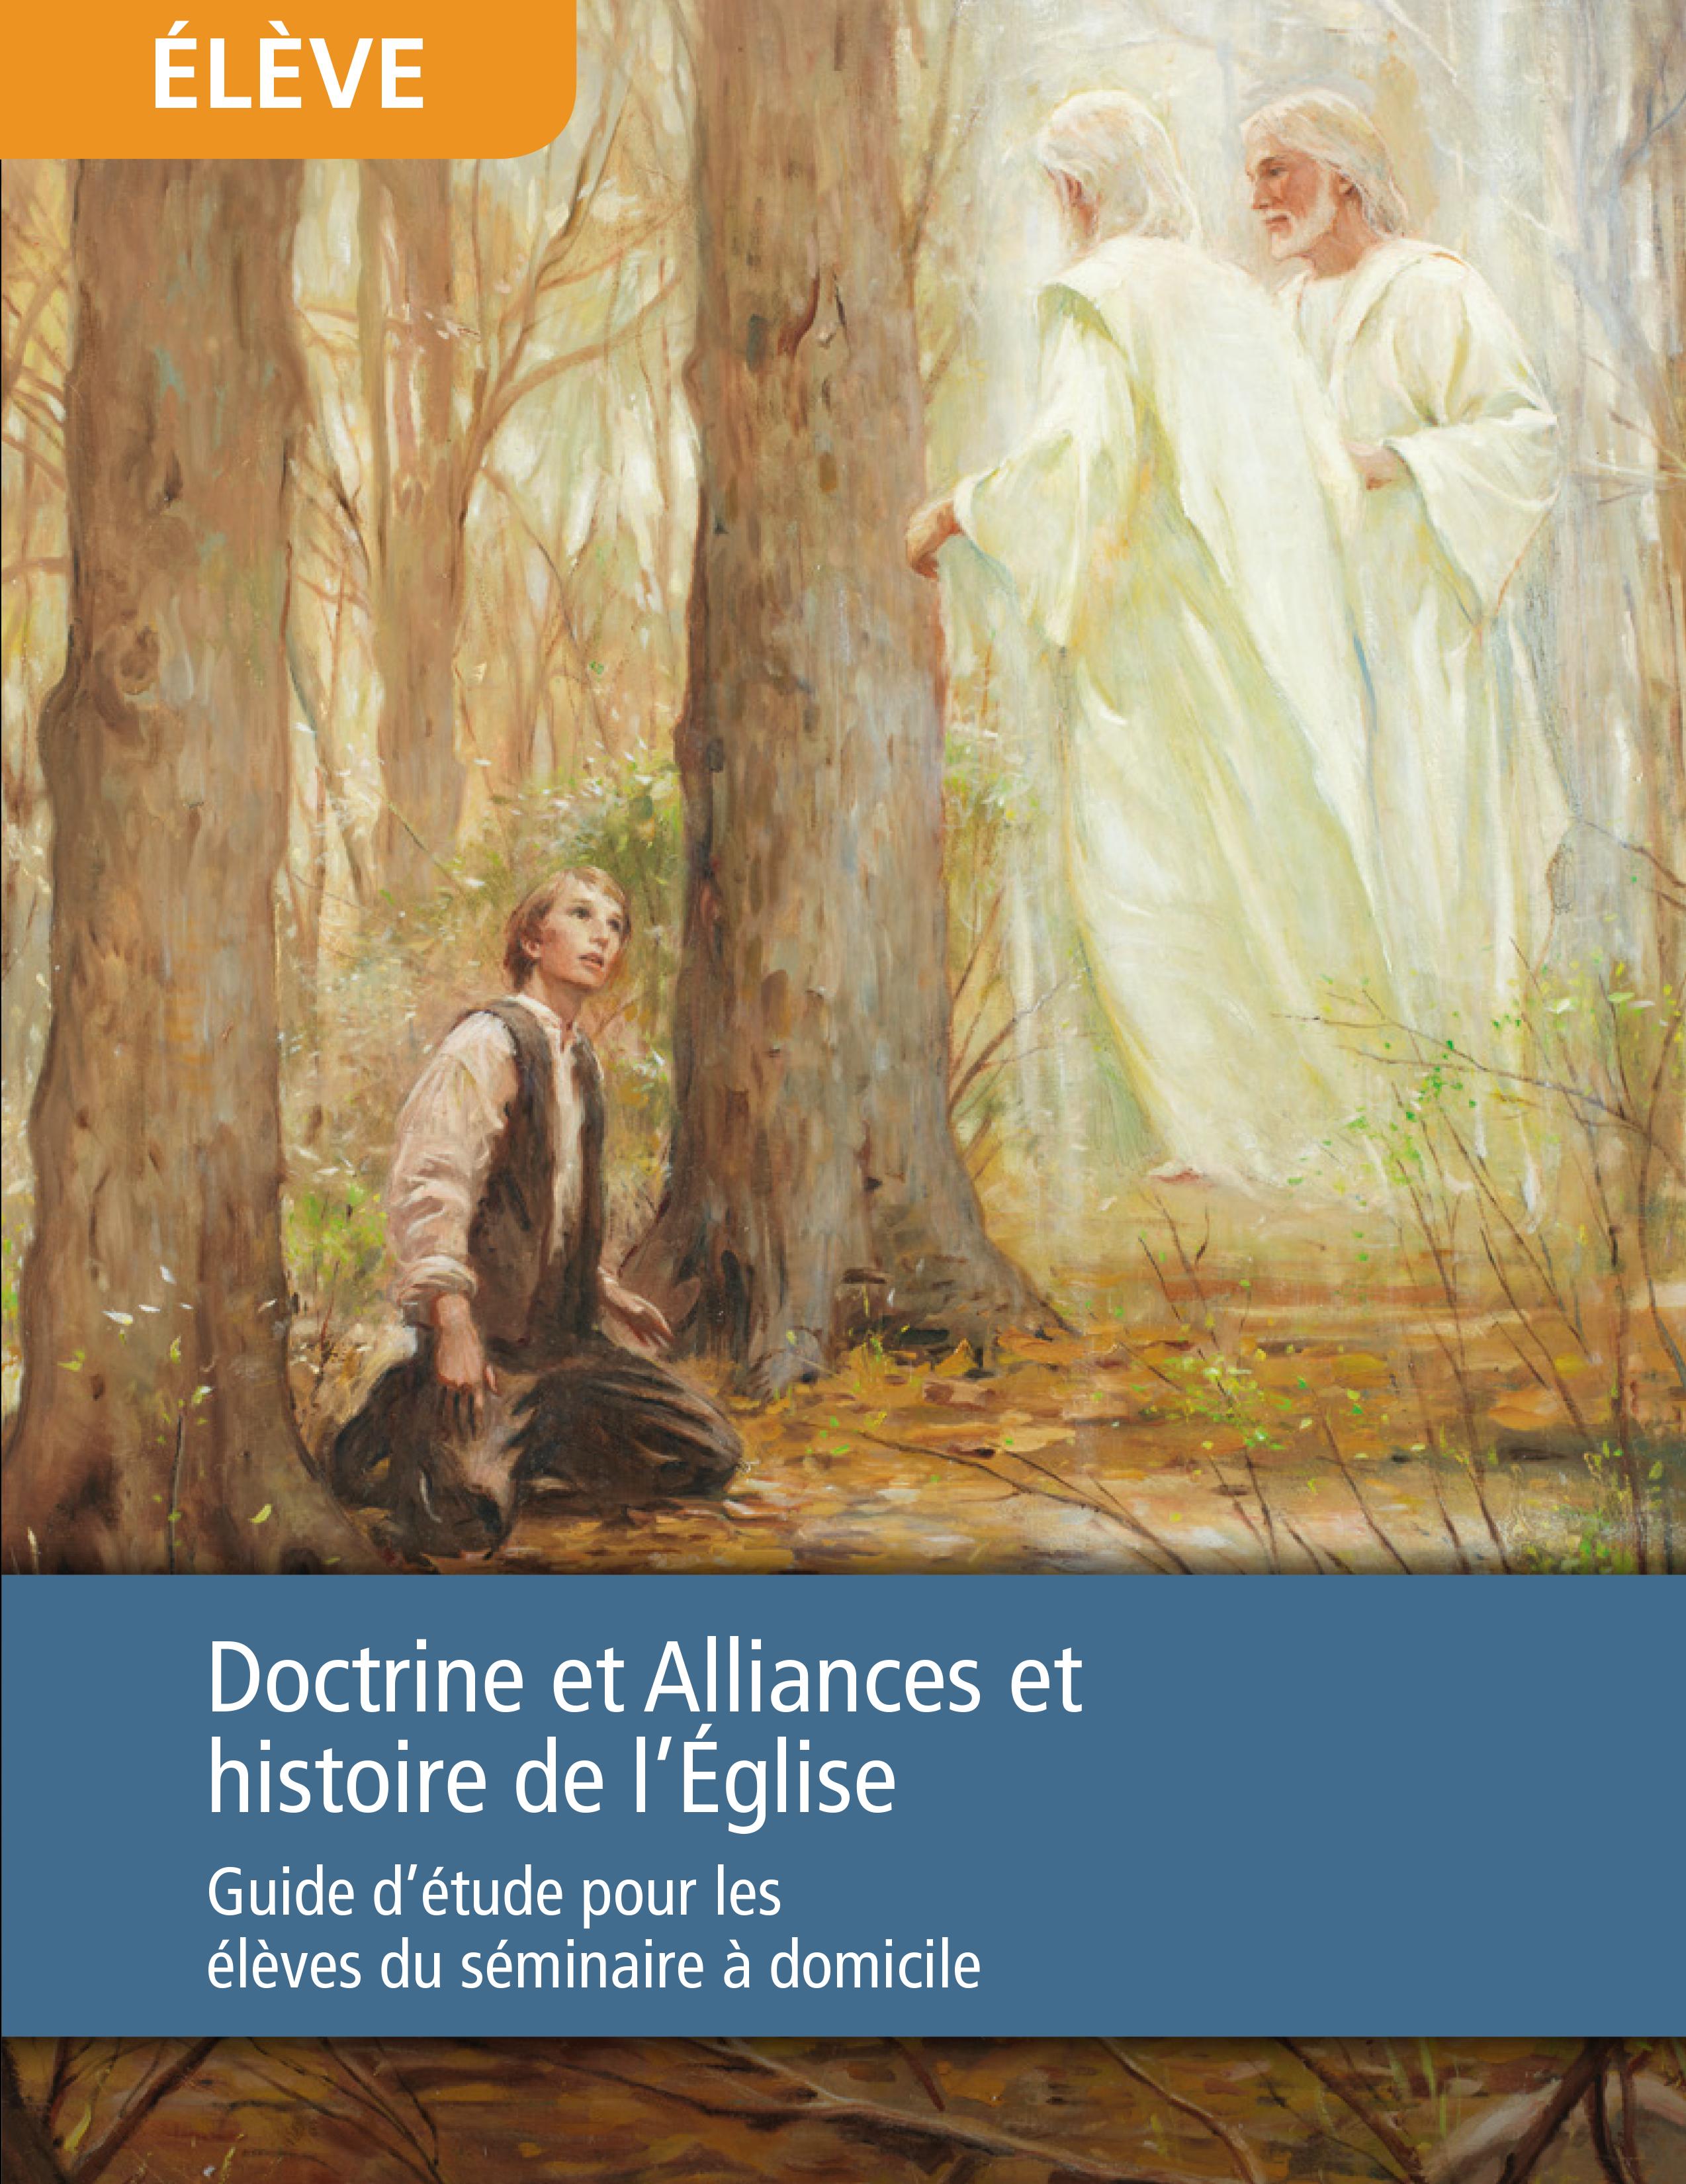 Doctrine et Alliances et histoire de l'Église, guide d'étude pour les élèves du séminaire à domicile